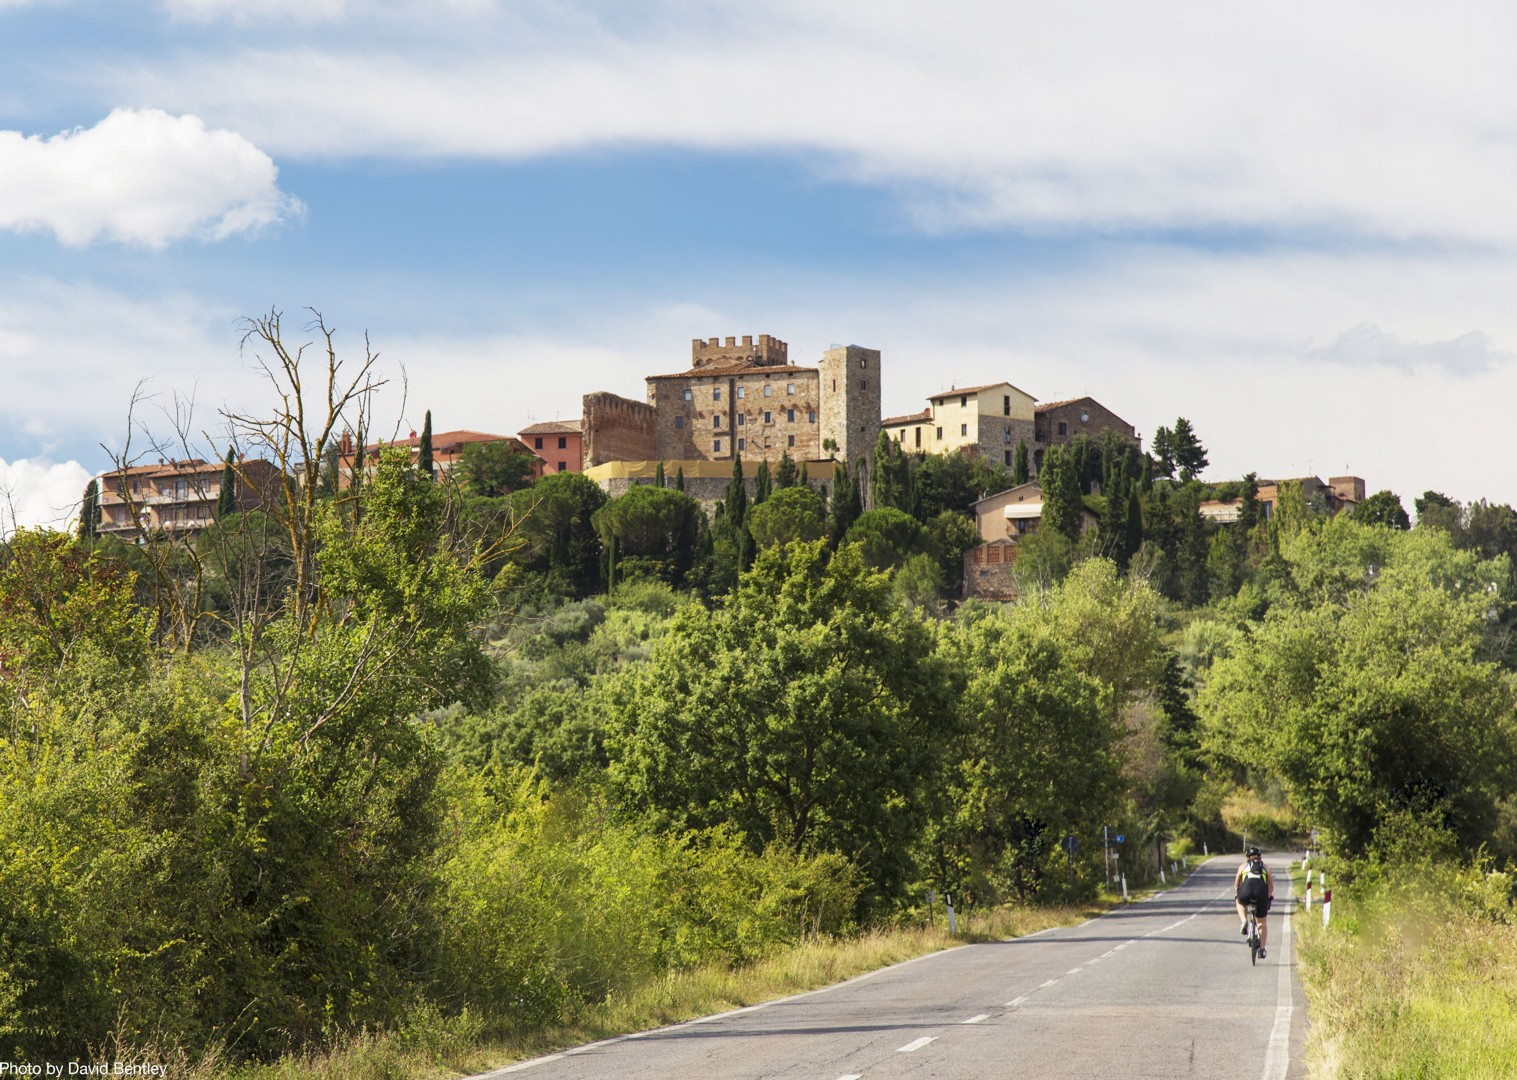 road-cycling-in-tuscany-italy.jpg - Italy - Tuscany Tourer - Guided Road Cycling Holiday - Road Cycling